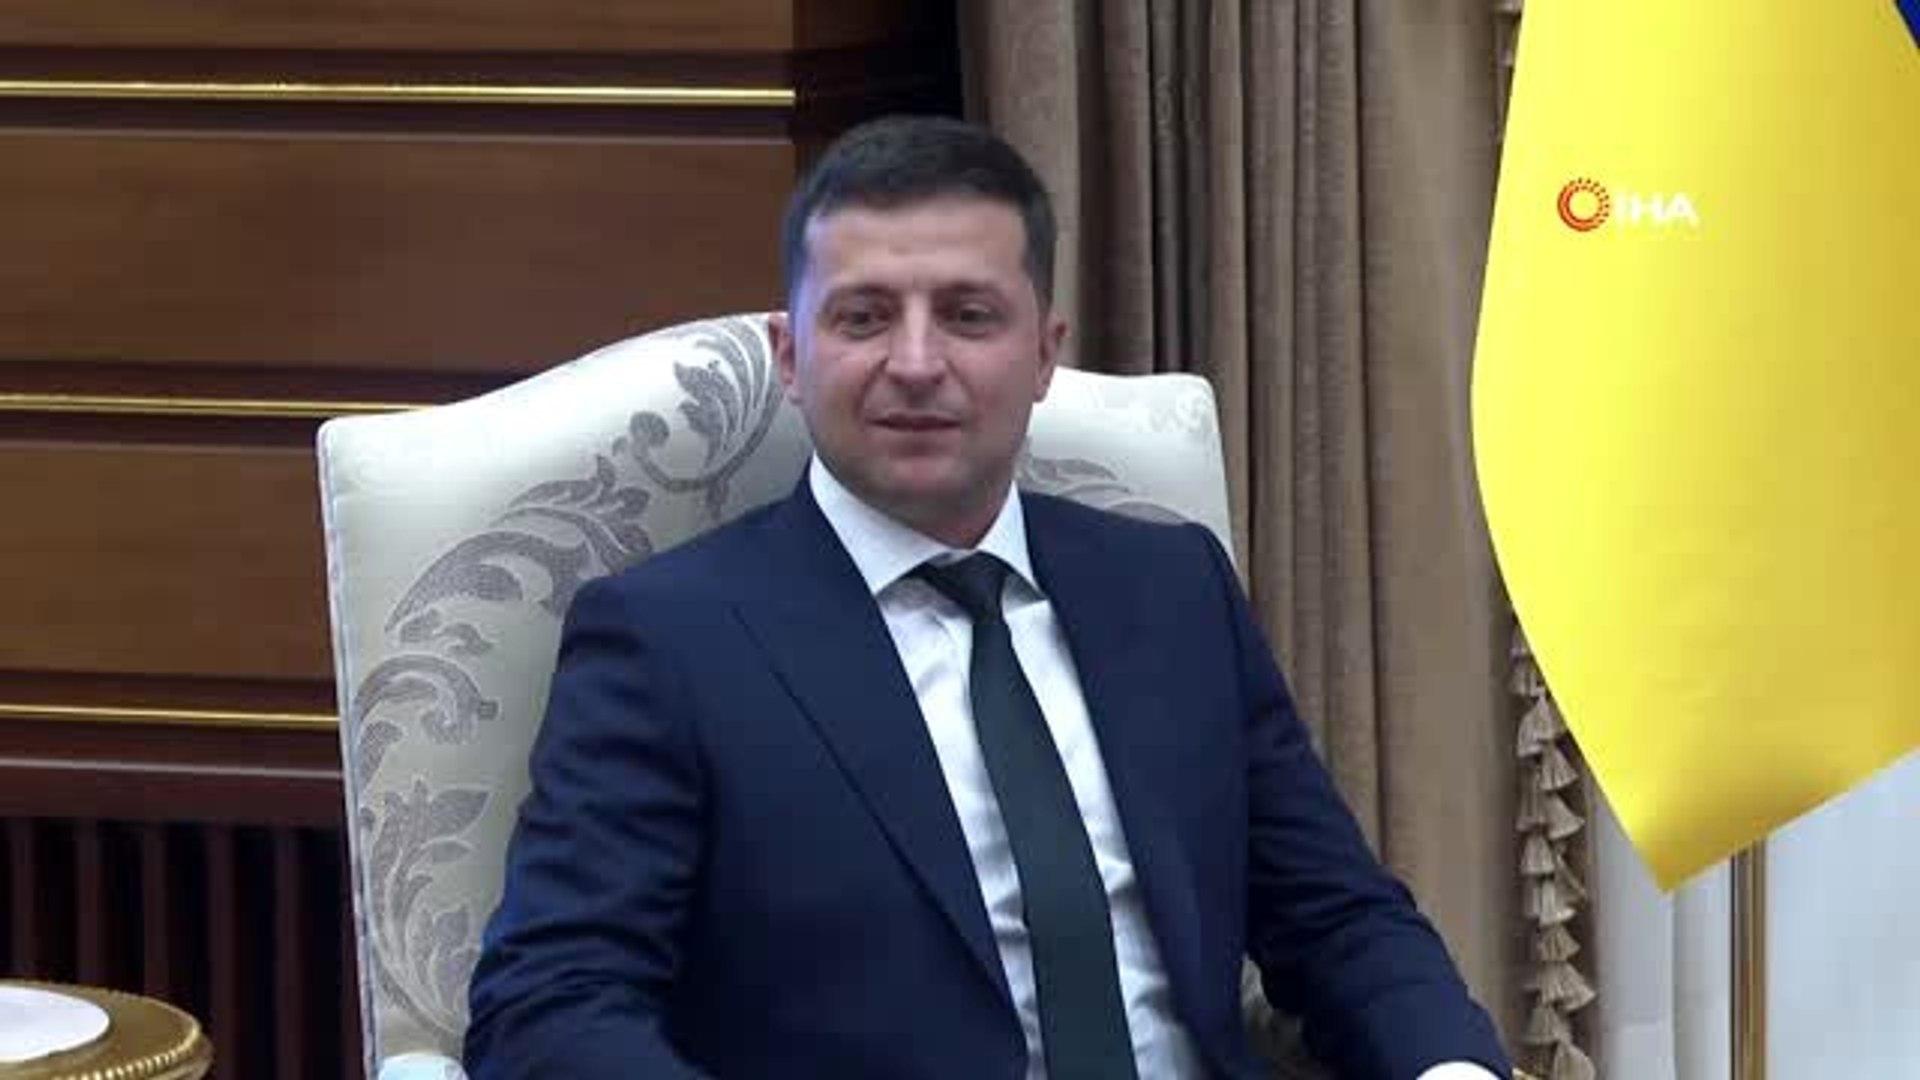 Cumhurbaşkanı Erdoğan, Ukrayna Cumhurbaşkanı Vladimir Zelenskiy ile görüştü